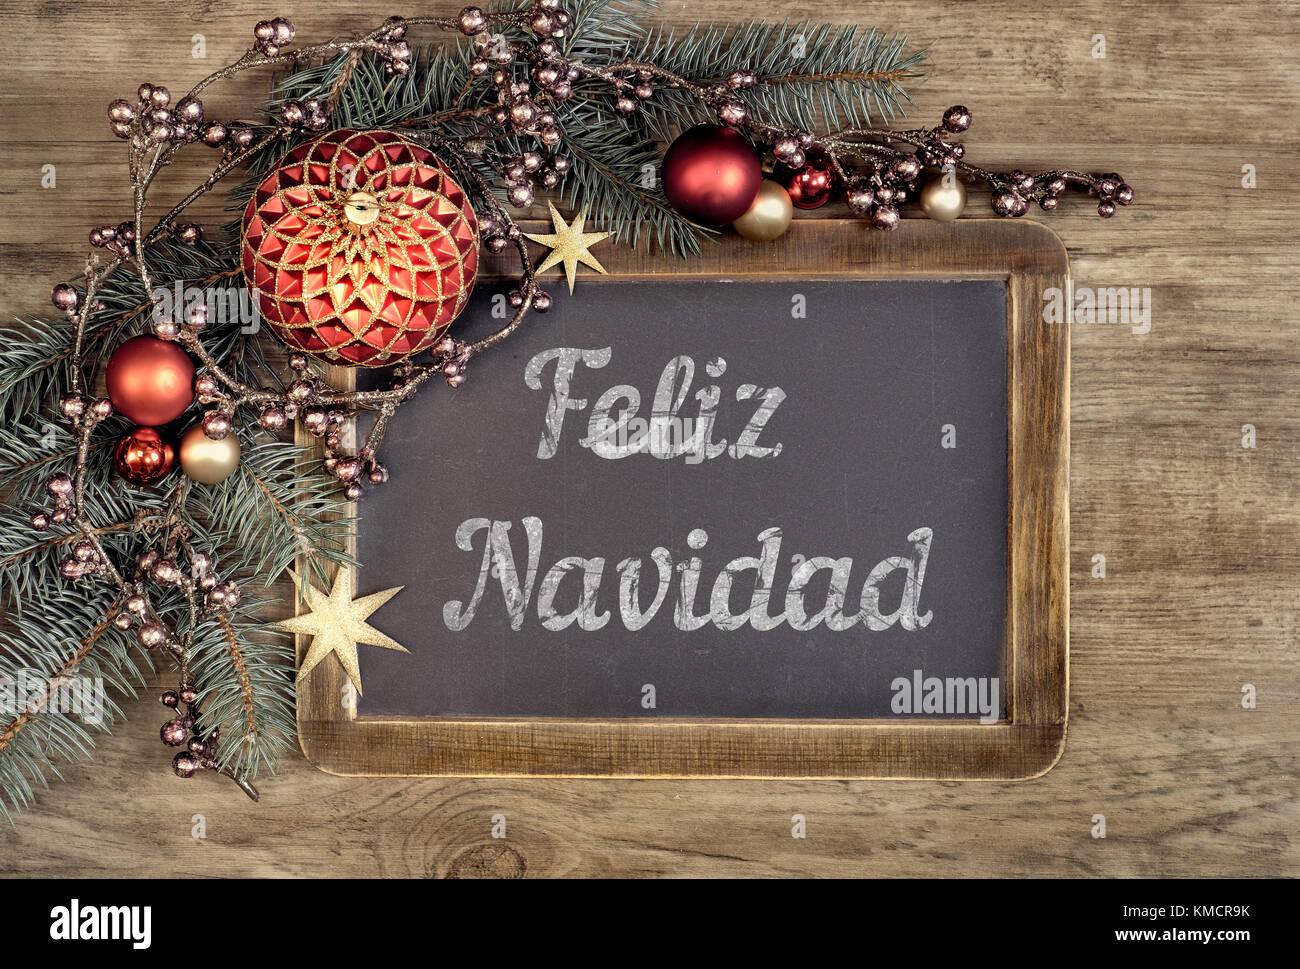 """Pizarra decorada con el texto """"Feliz Navidad"""", o """"Merry Christmas"""" en español sobre fondo Imagen De Stock"""